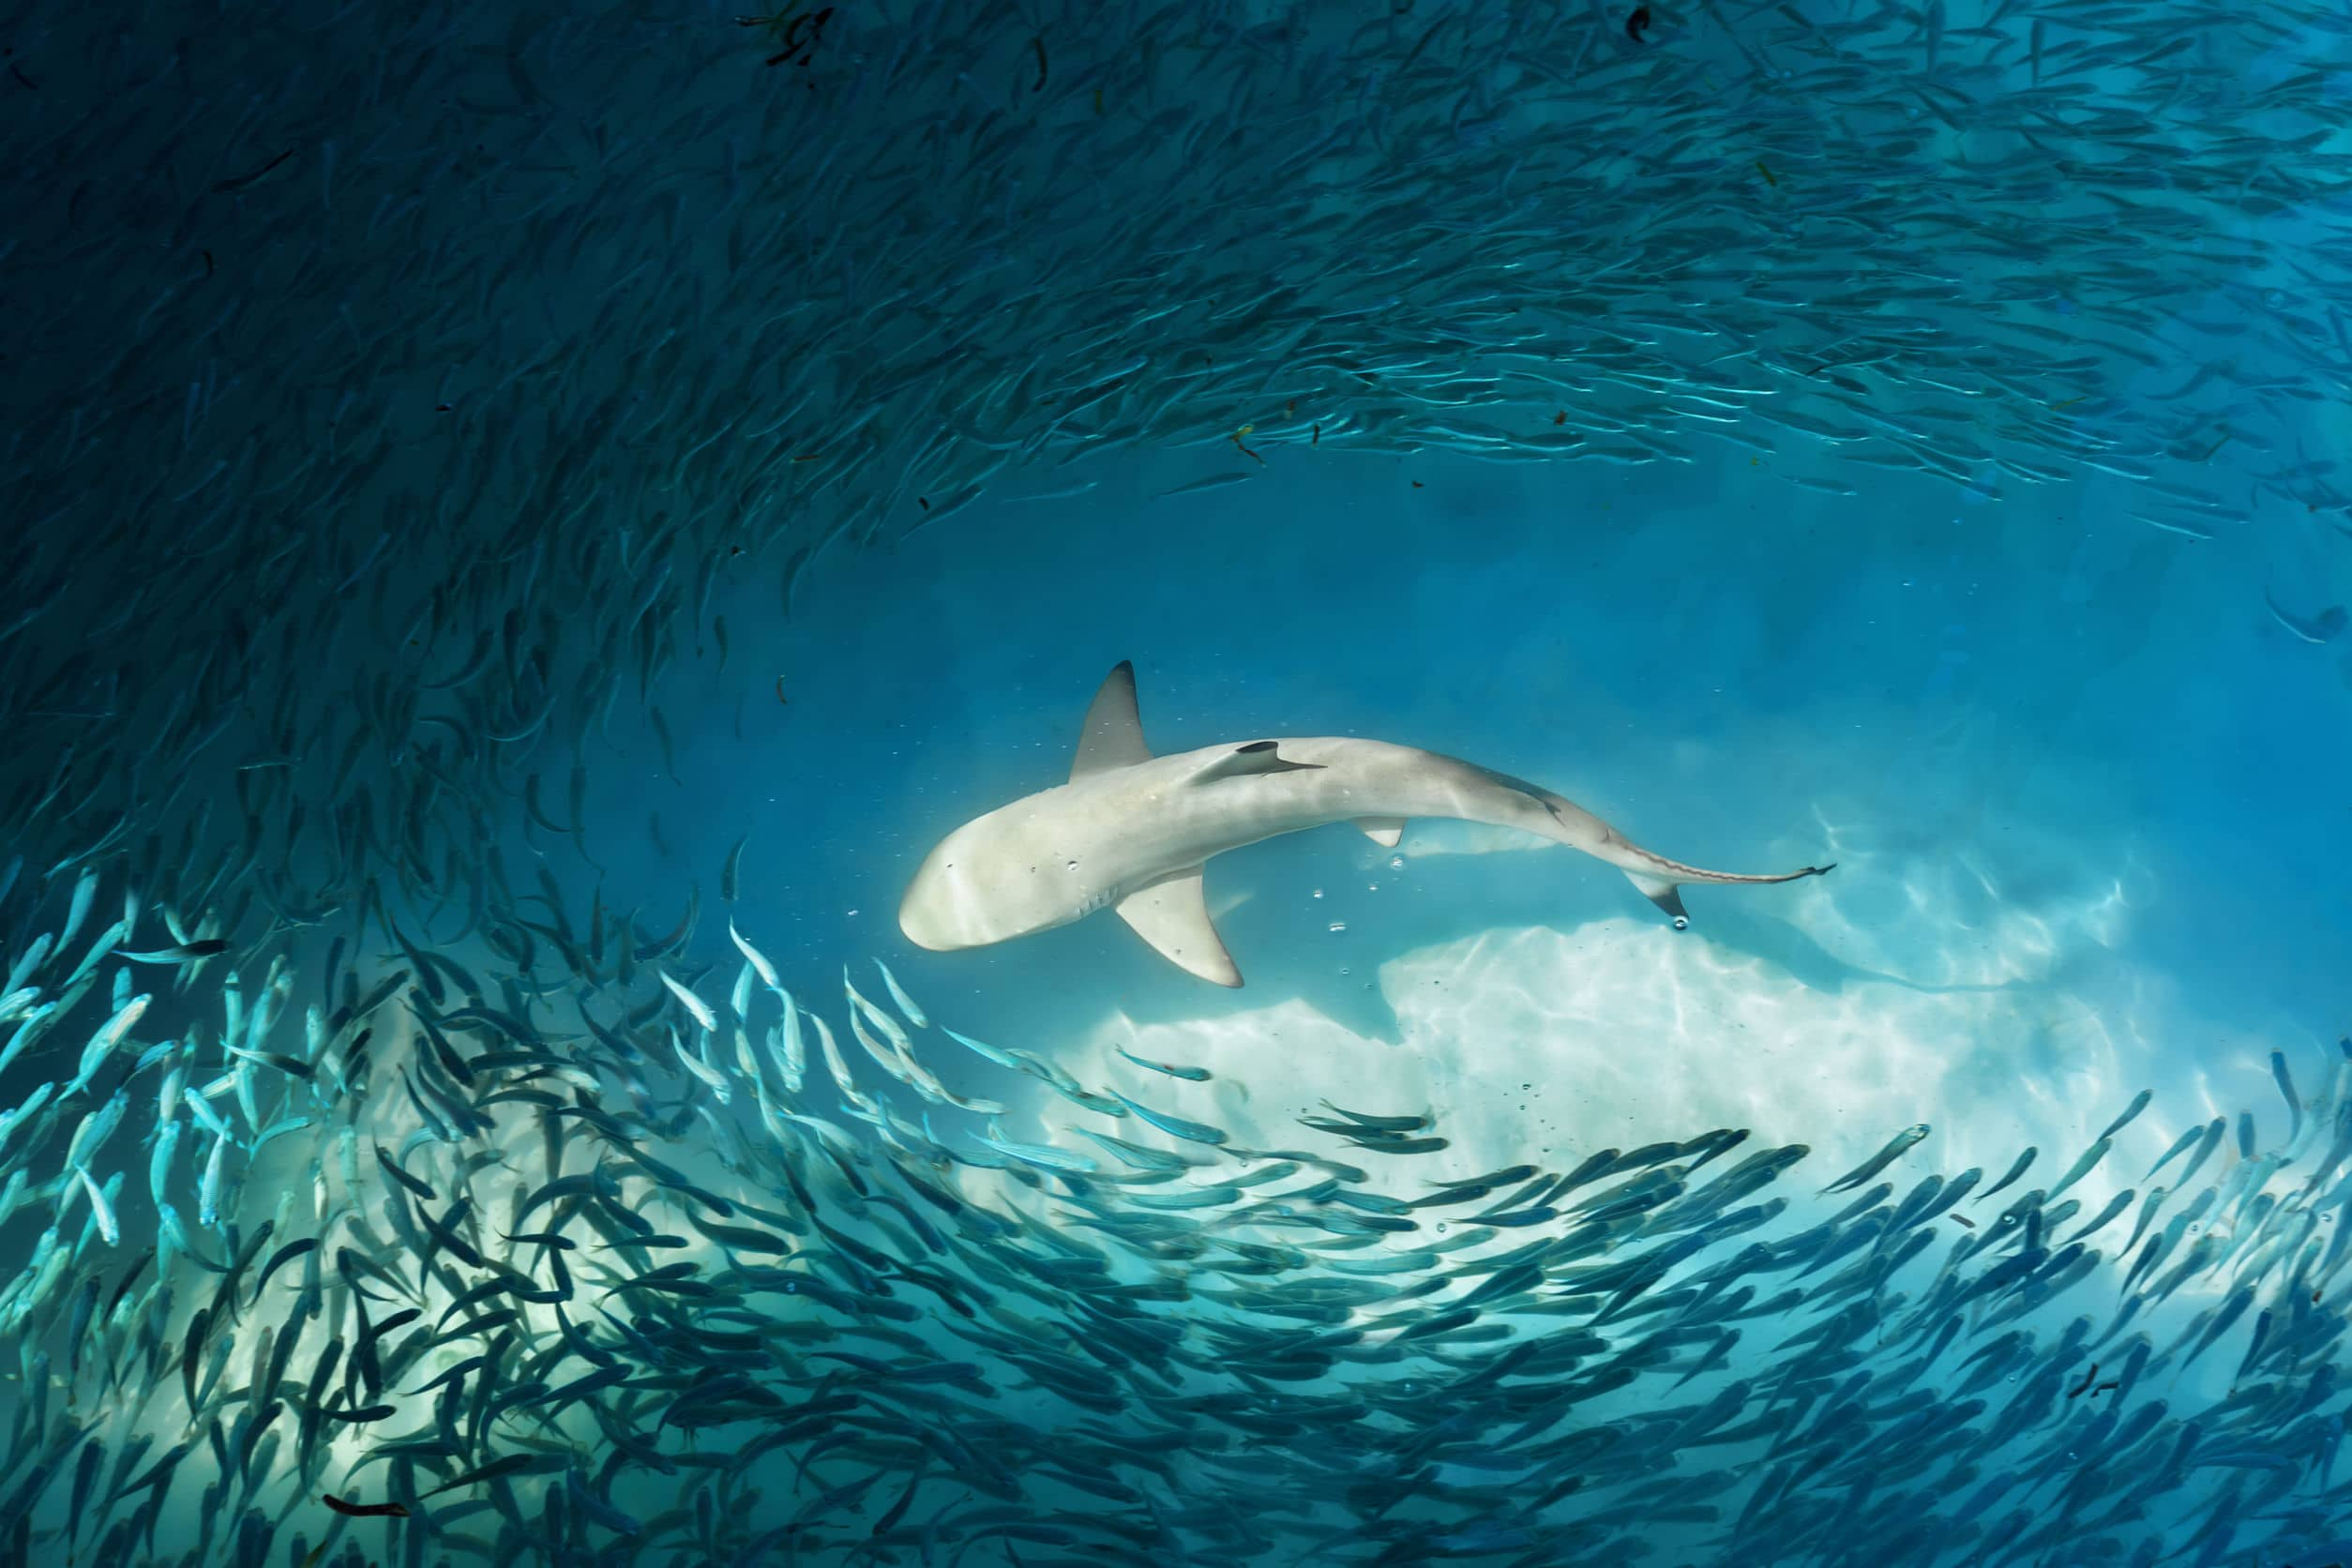 Tubarão e cardume de peixes pequenos no mar.